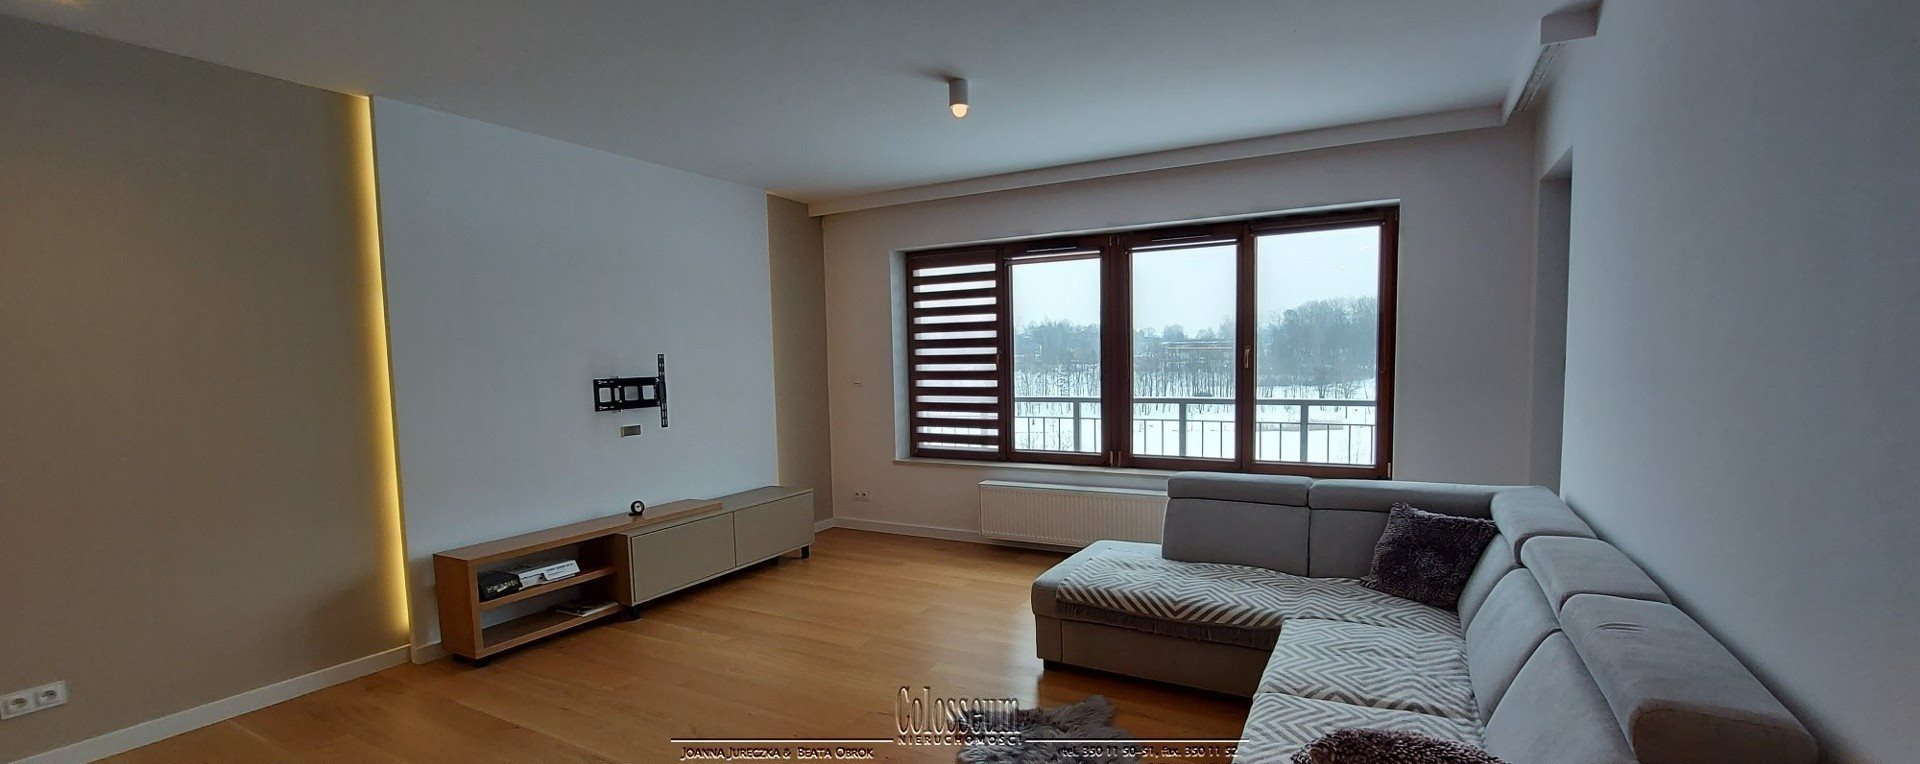 Mieszkanie dwupokojowe na sprzedaż Katowice, Dolina Trzech Stawów, Gen. Władysława Sikorskiego  59m2 Foto 4